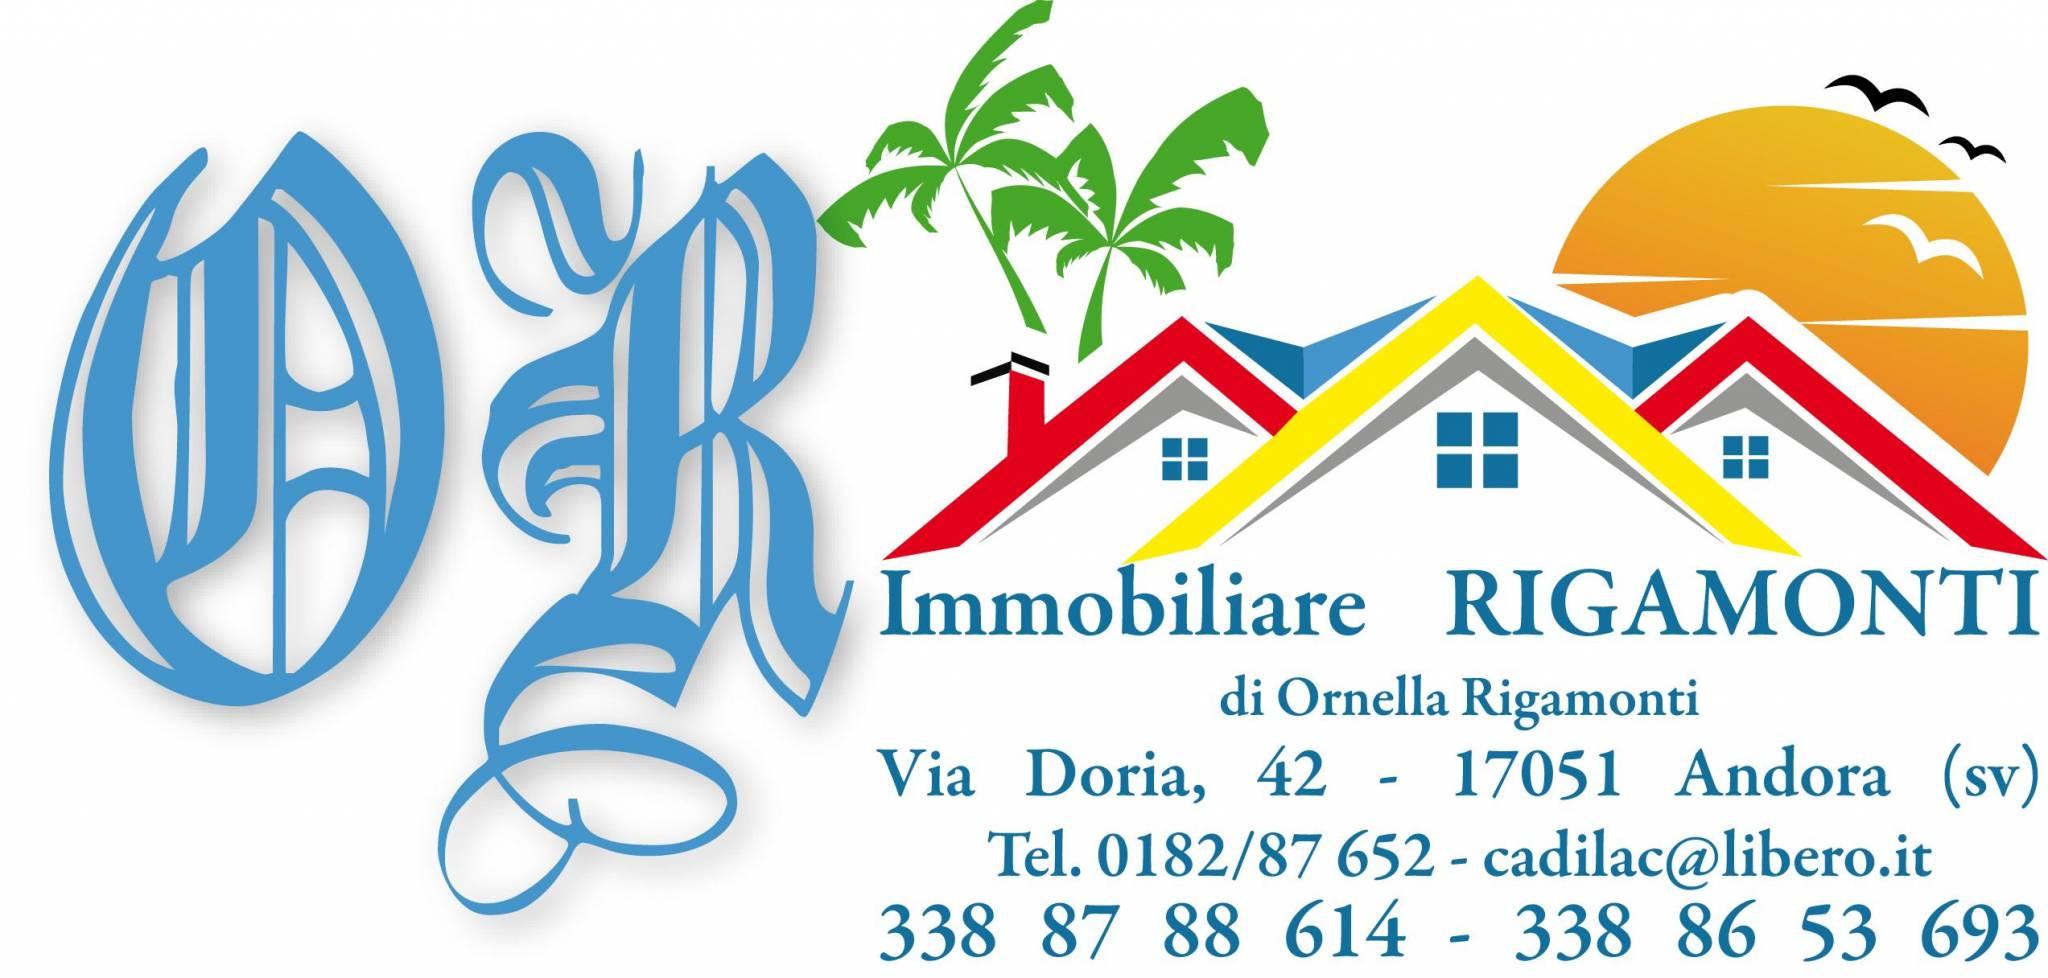 Immobiliare Rigamonti